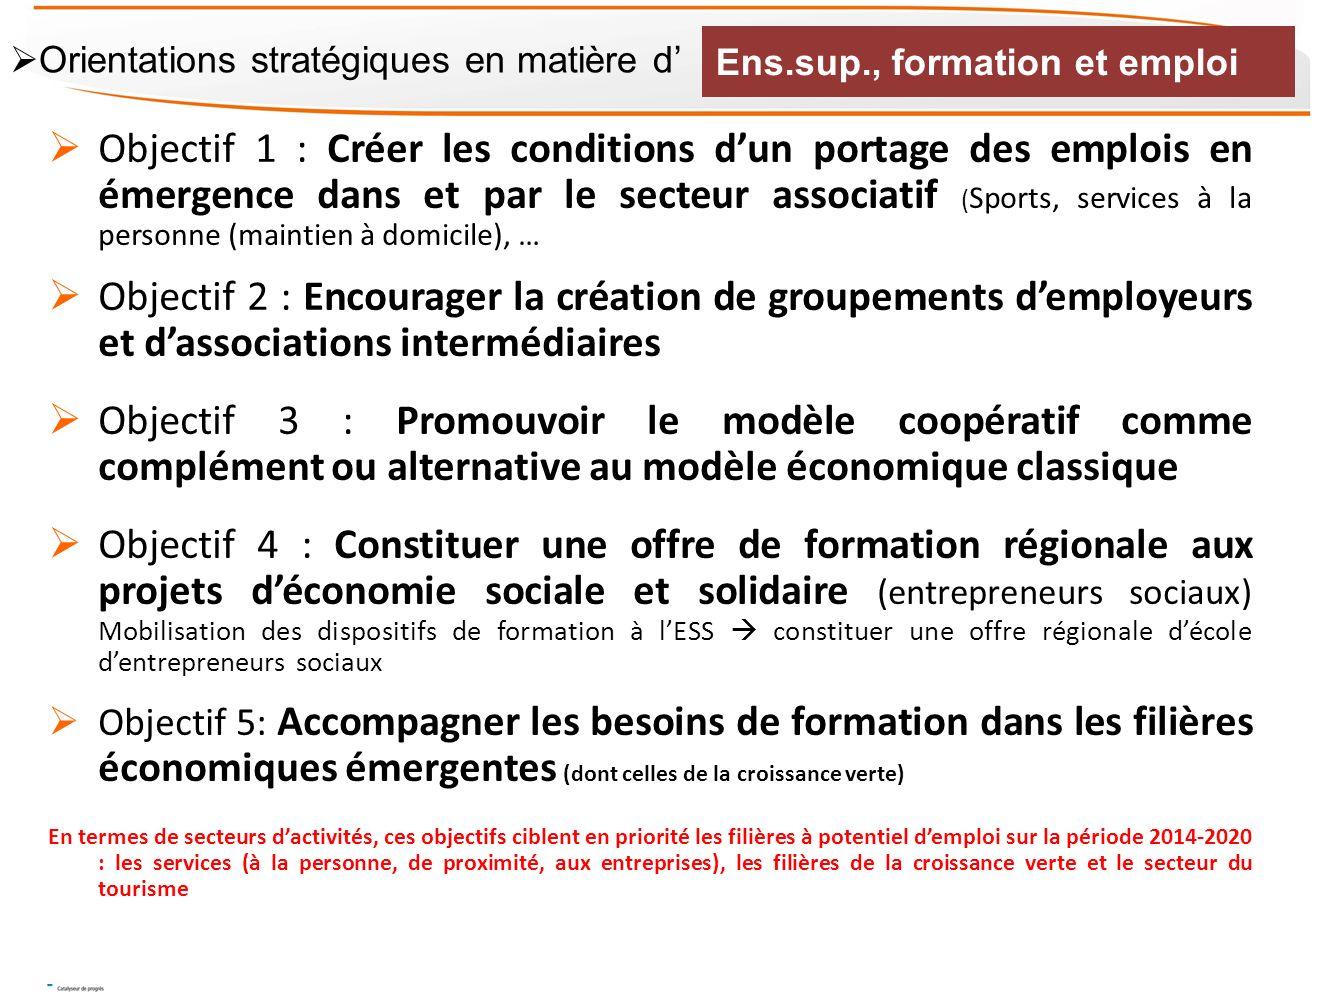 Objectif 1 : Créer les conditions dun portage des emplois en émergence dans et par le secteur associatif ( Sports, services à la personne (maintien à